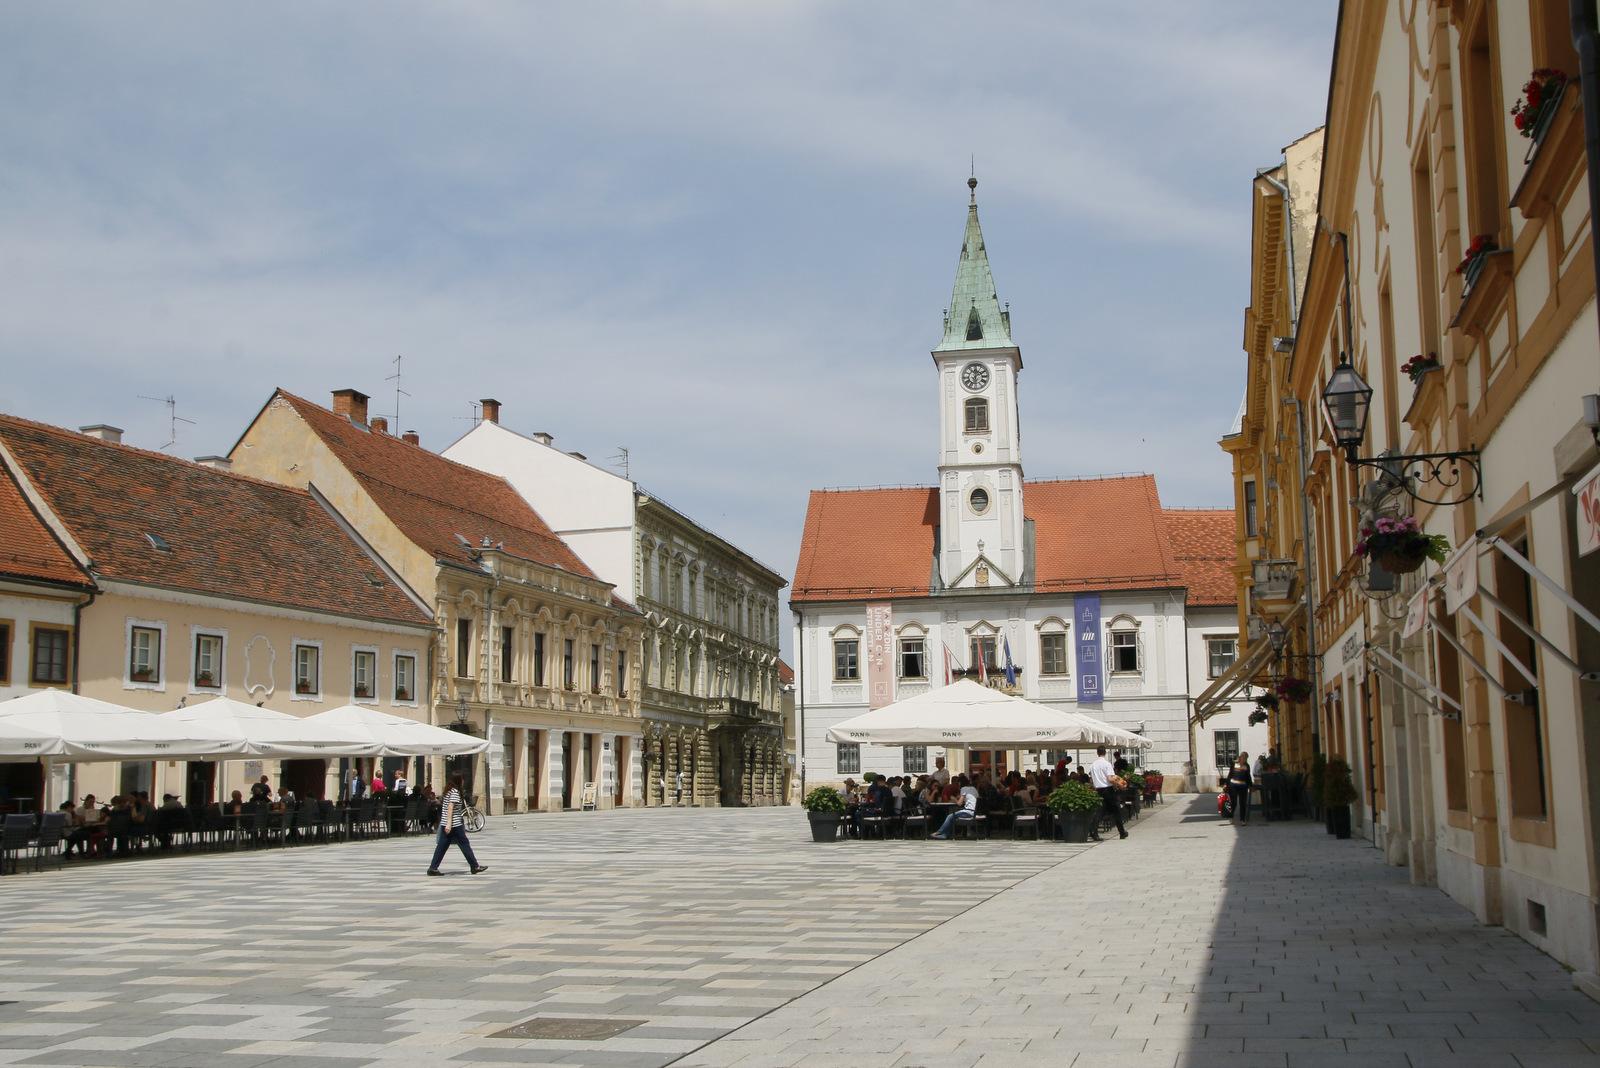 Glavni trg, Trg Kralja Tomislava, Varaždin